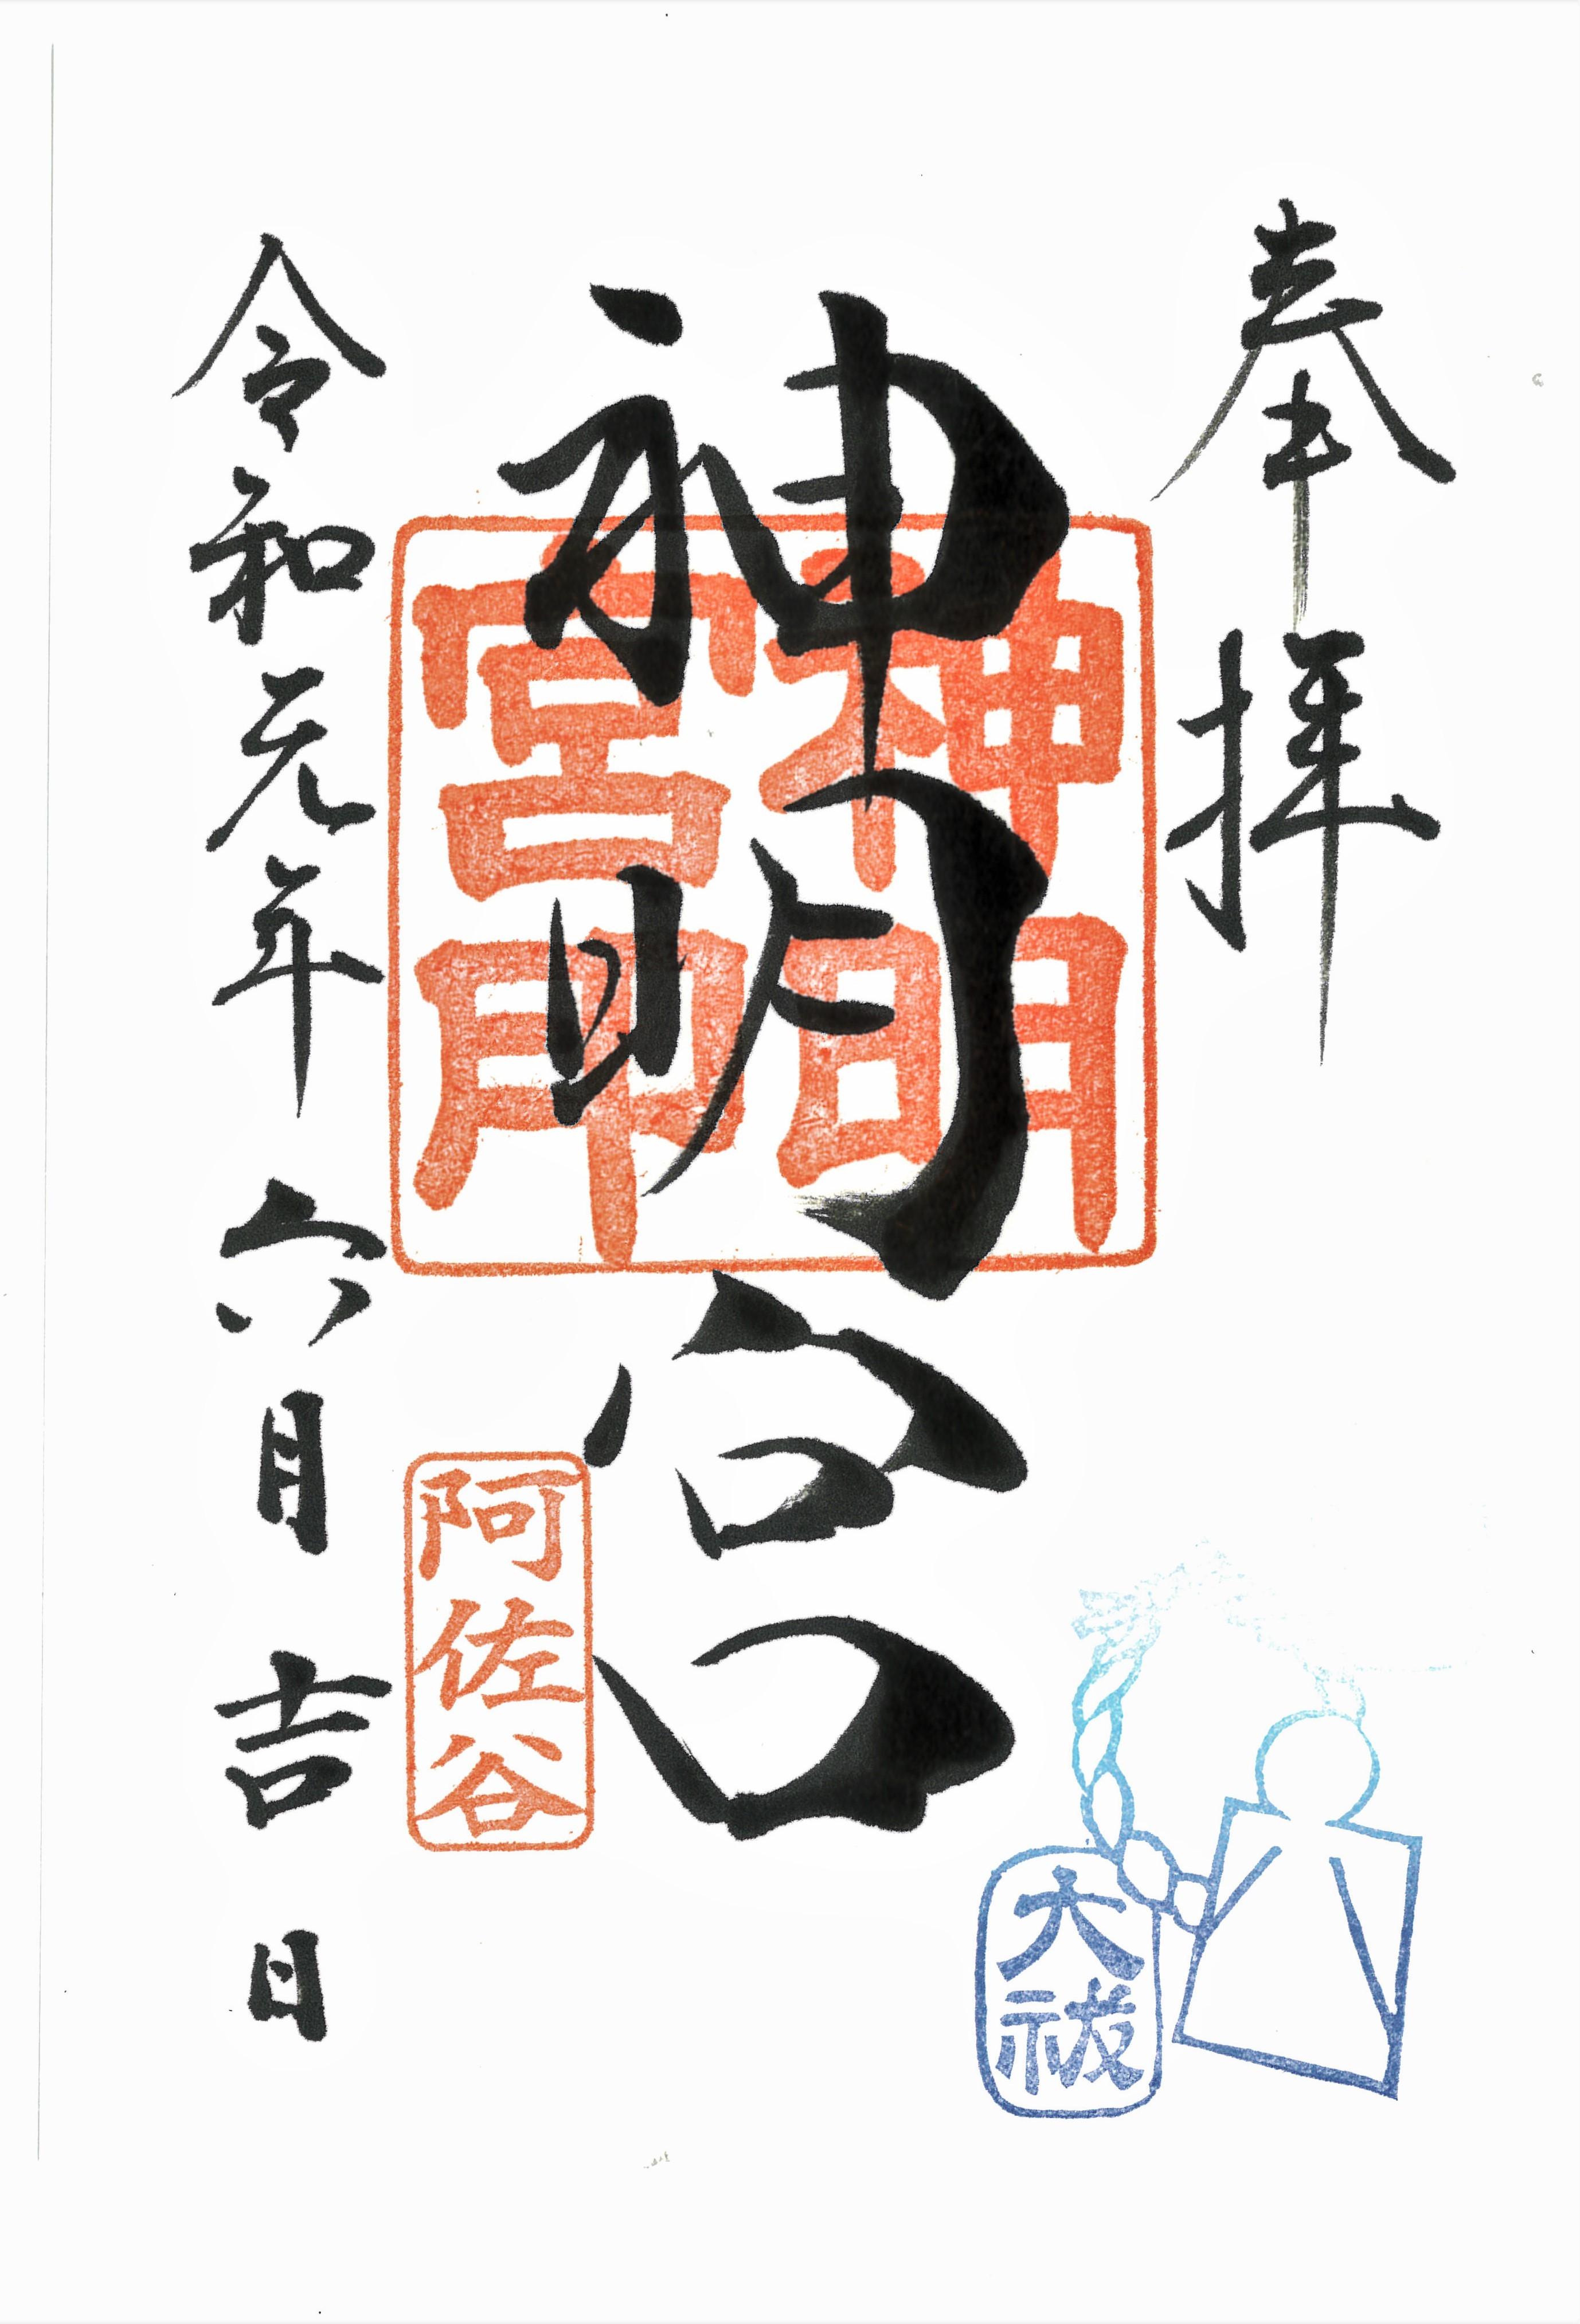 令和元年、夏越大祓斎行、大祓限定御朱印のお知らせ